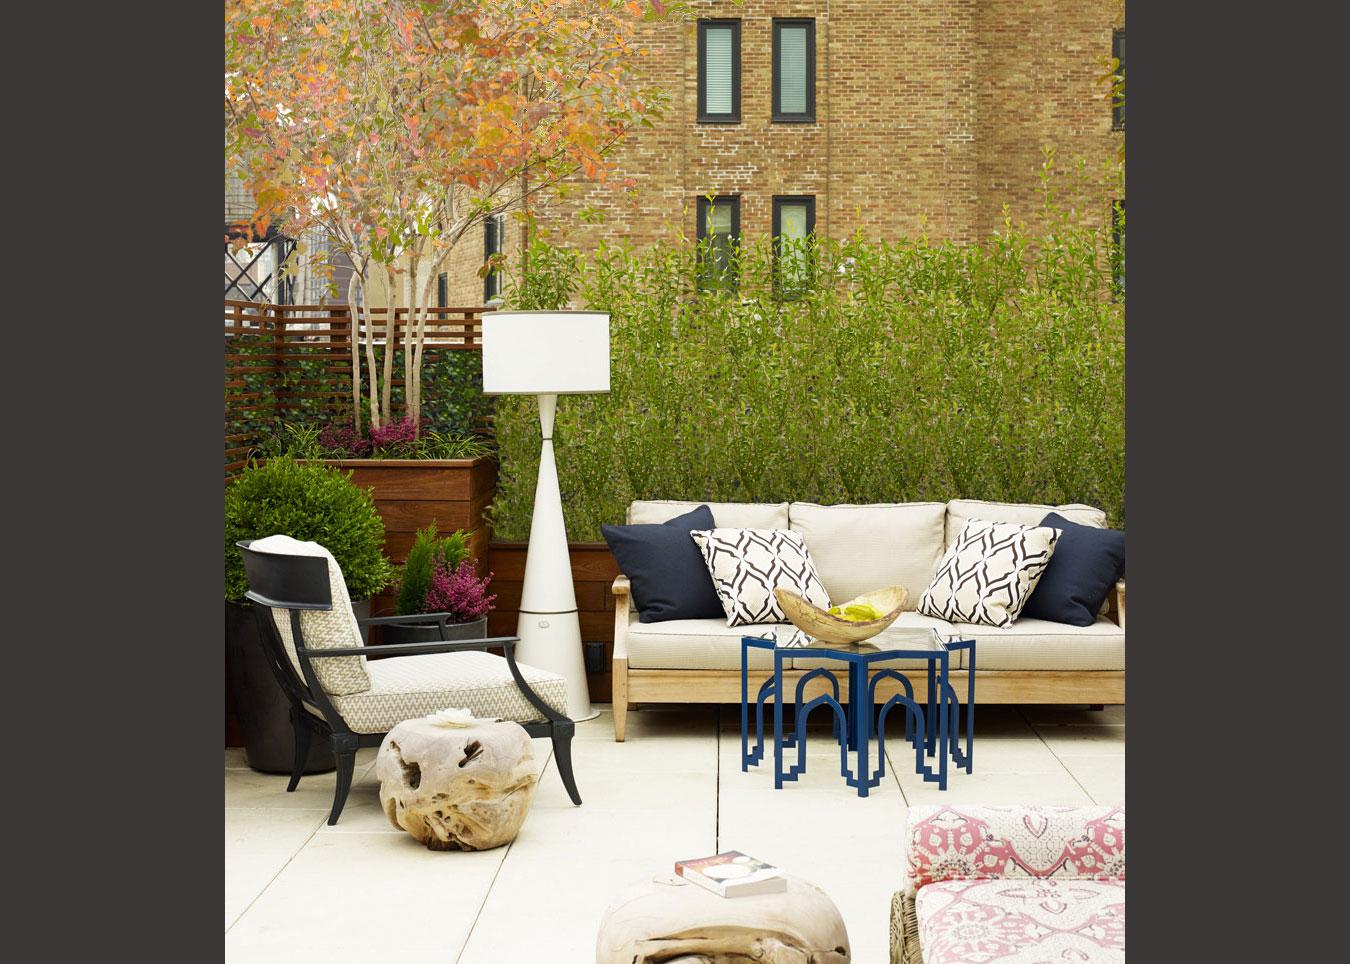 05-terrace-seating.jpg